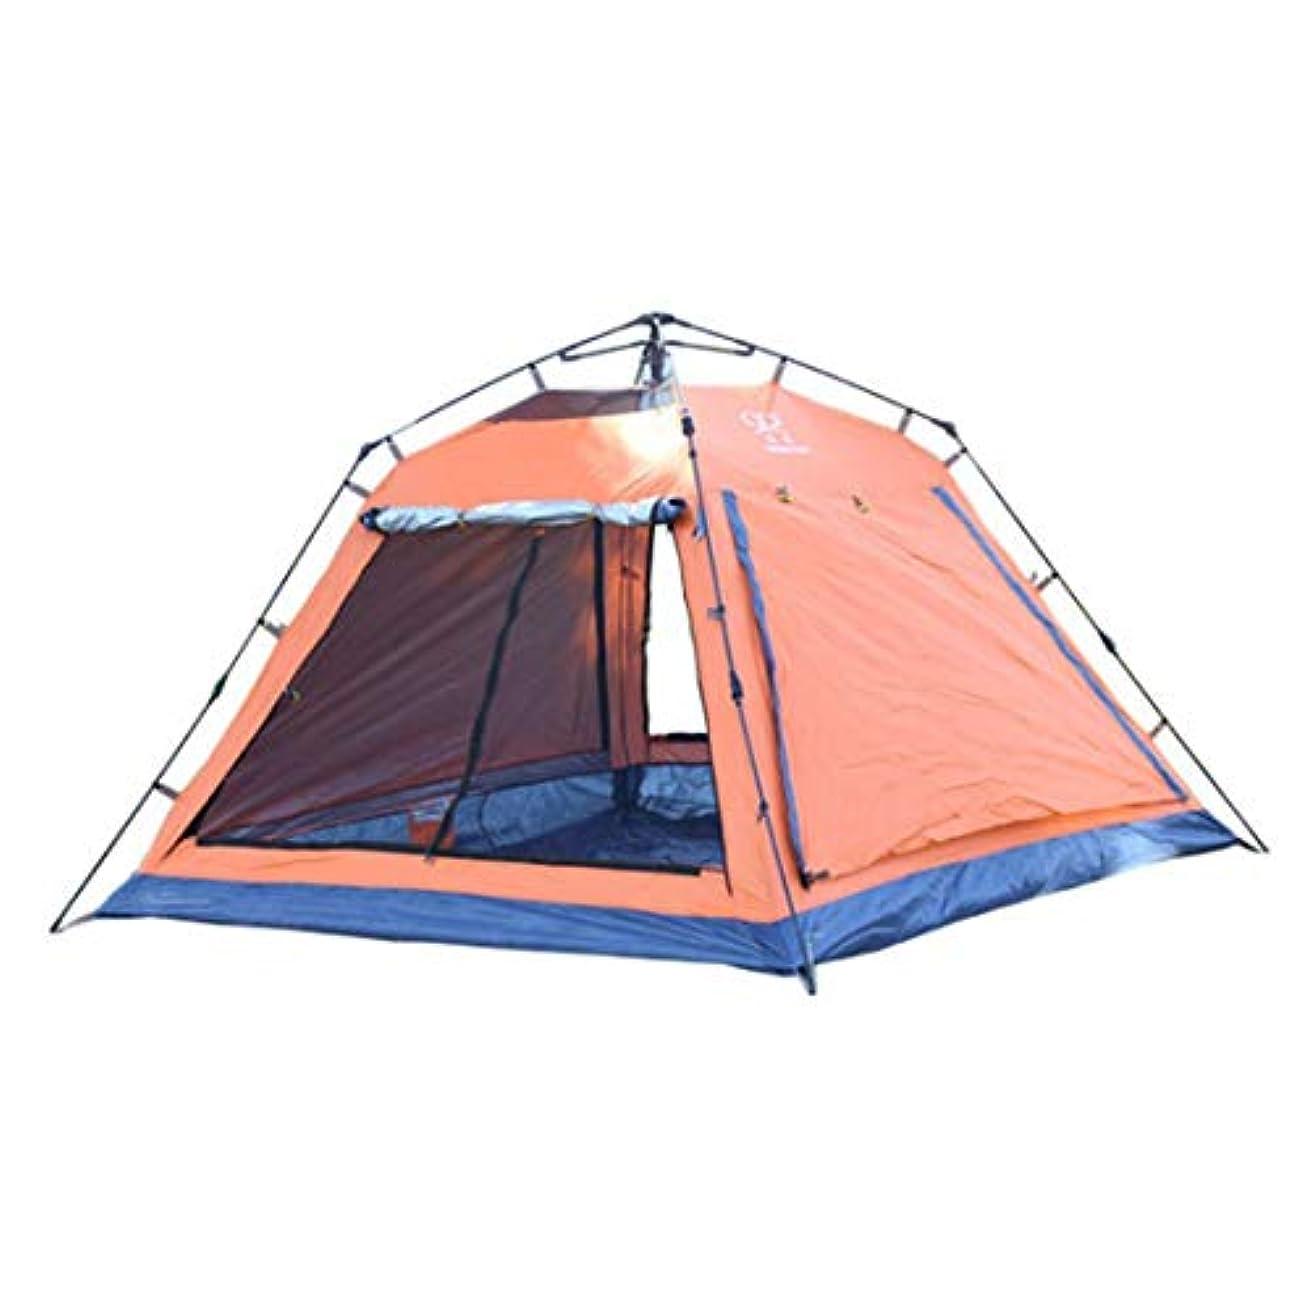 ドラフトロケーション素敵なKingsleyW 3-4人丈夫なキャンプテント四隅スクエアトップ自動インスタントポップアップバックパッキングテント超軽量防水ハイキングキャンプ旅行、サンシェード、蚊 (色 : オレンジ)